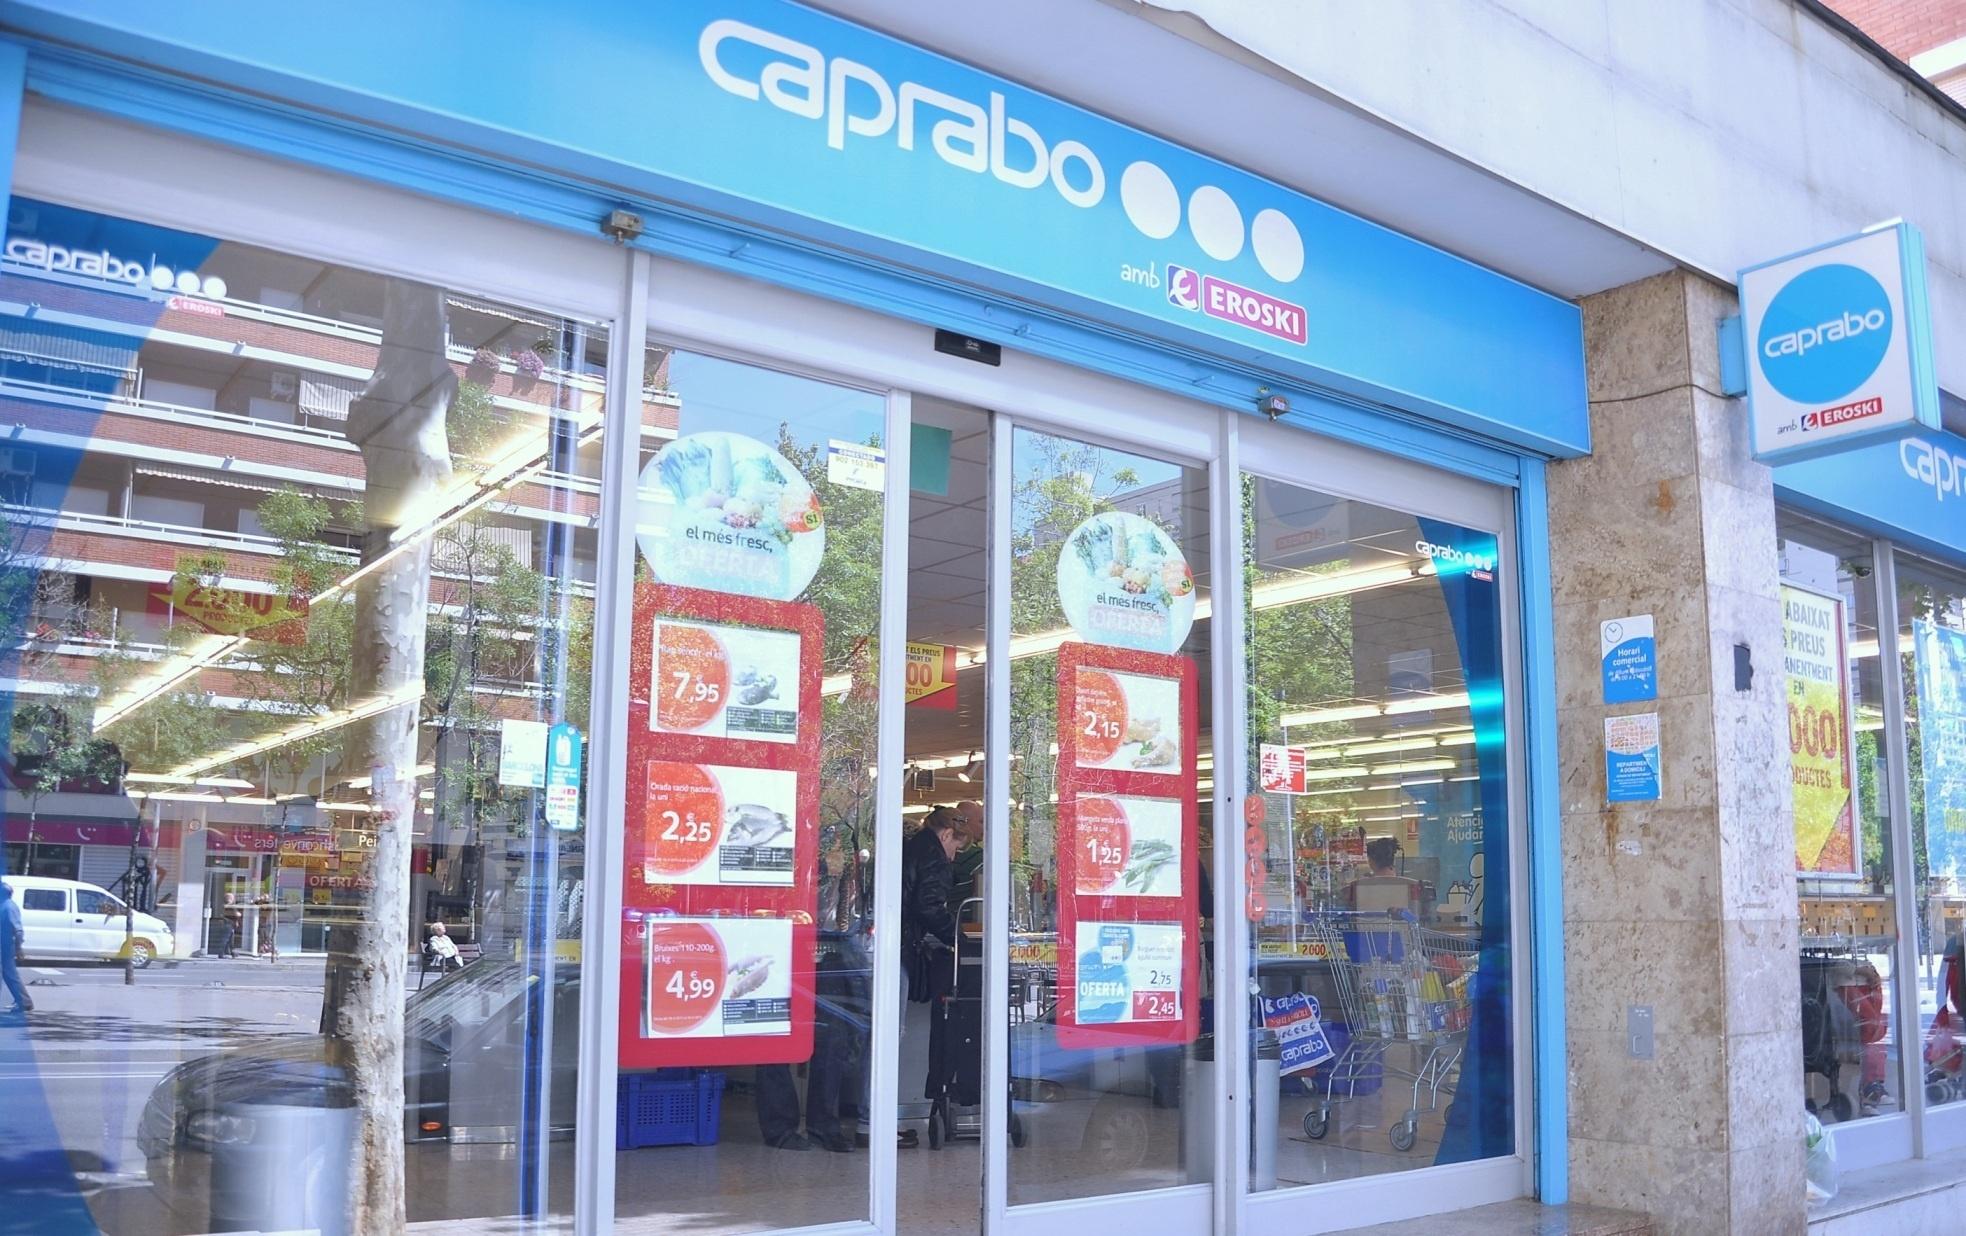 Caprabo abre una franquicia en el Vendrell y suma 18 tiendas en Tarragona